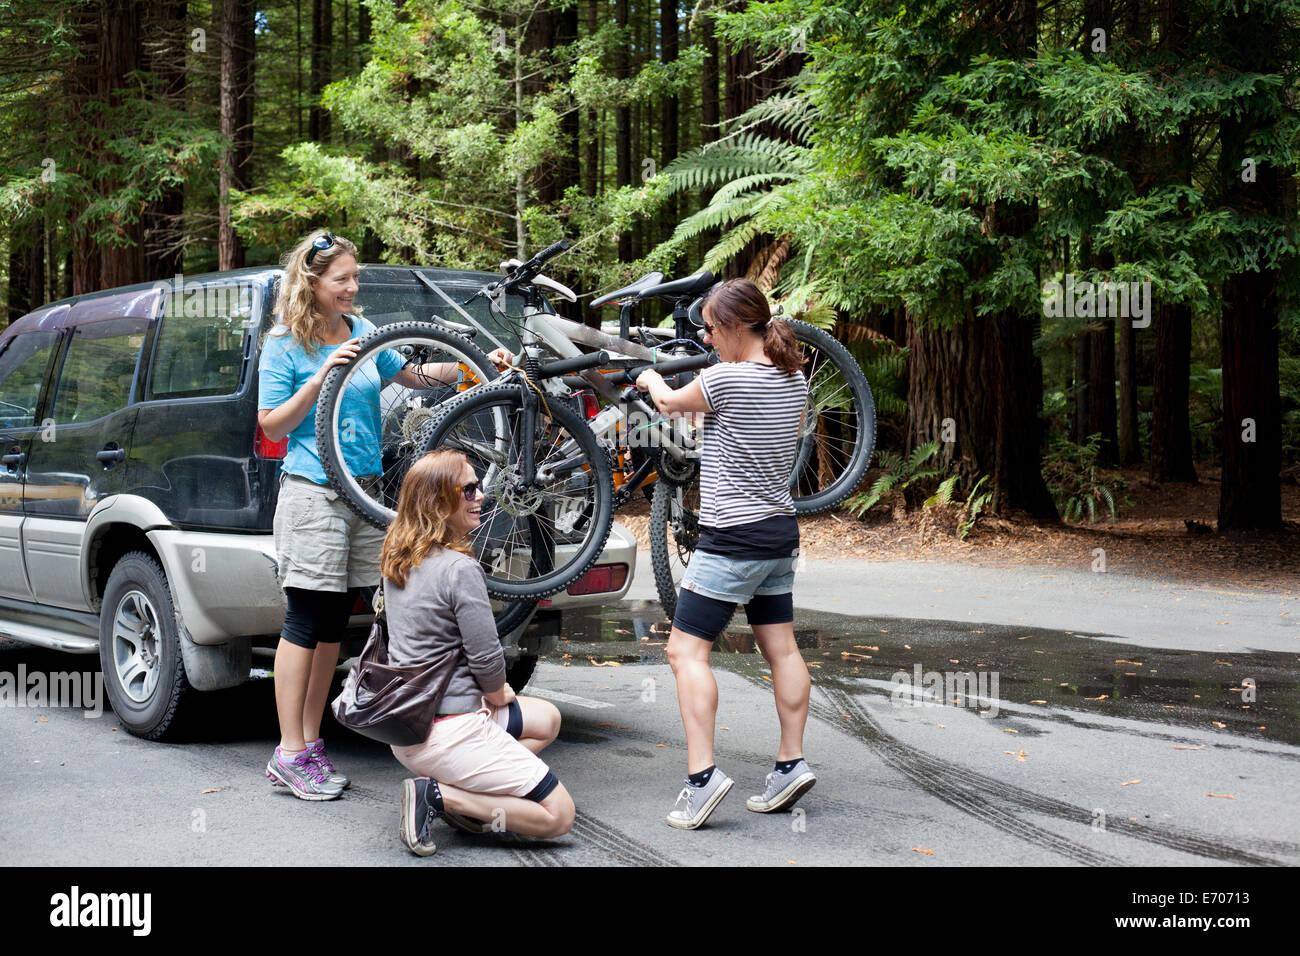 Tre donne mountain biker moto di sollevamento da quattro ruote in foresta Immagini Stock